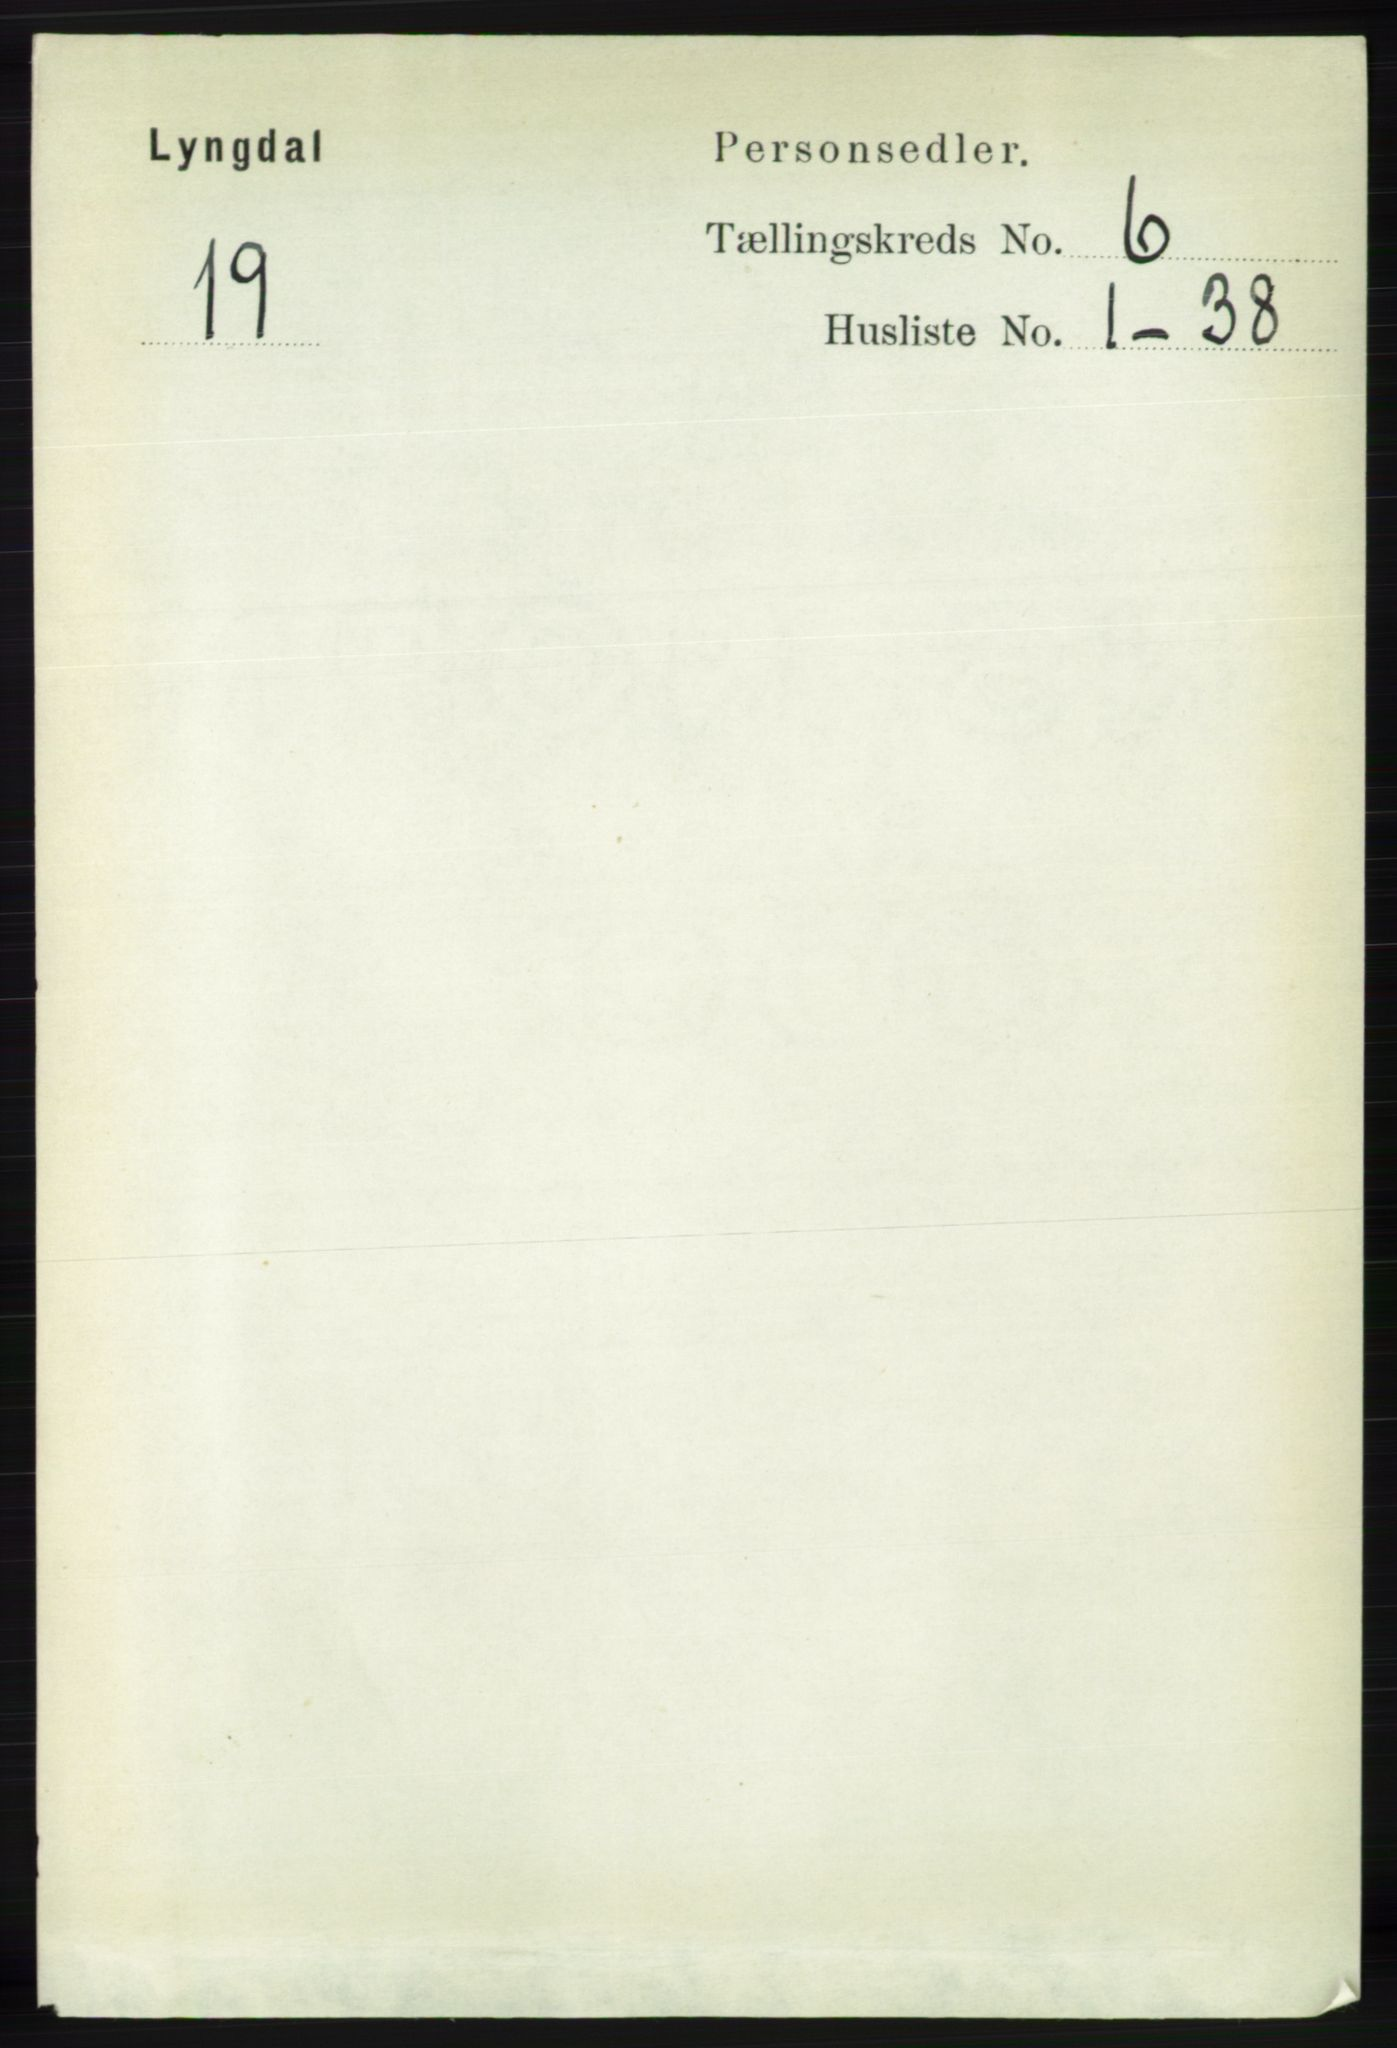 RA, Folketelling 1891 for 1032 Lyngdal herred, 1891, s. 2461